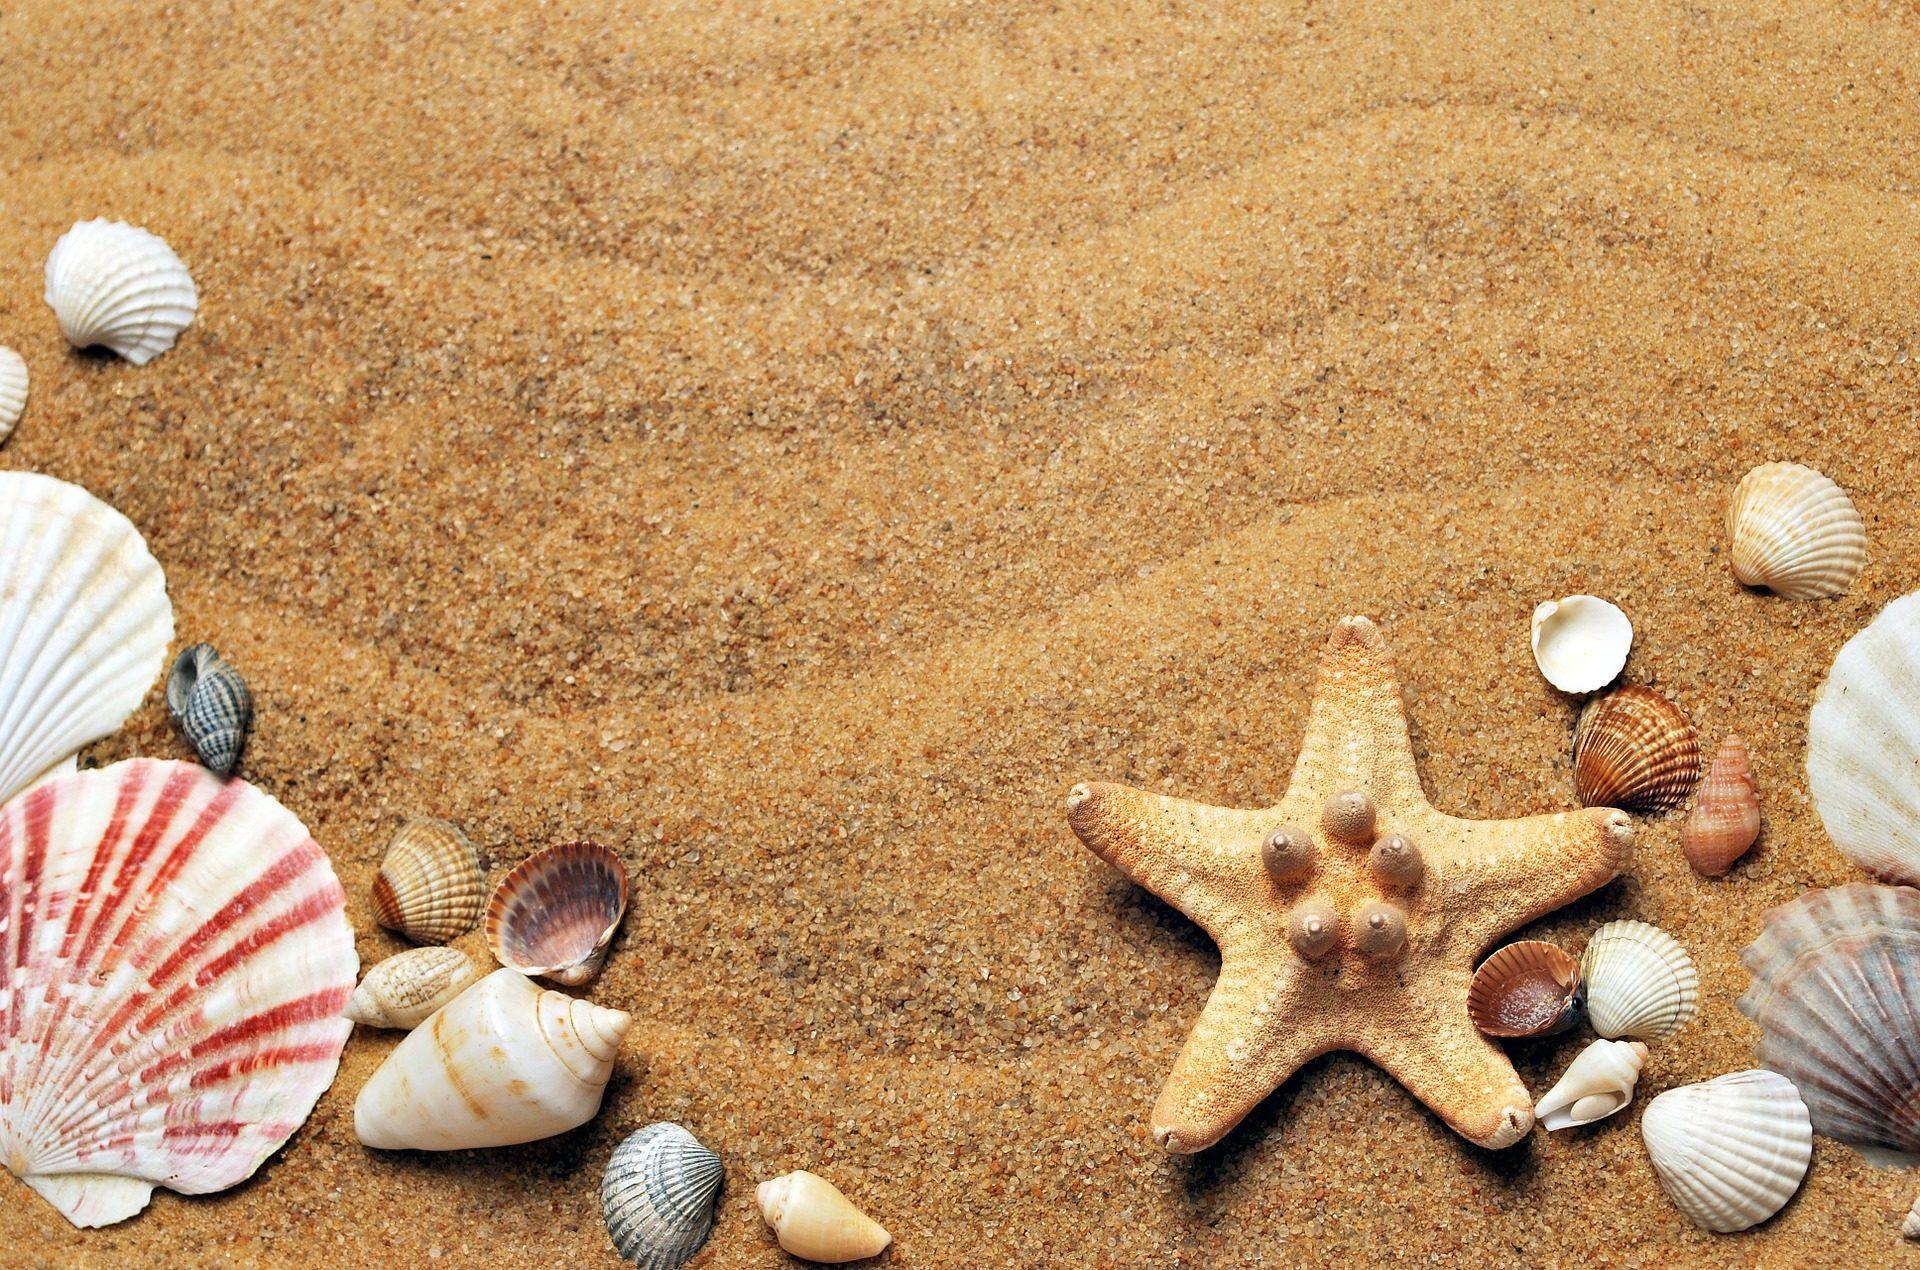 песок, снаряды, Звезда, Море, Пляж - Обои HD - Профессор falken.com